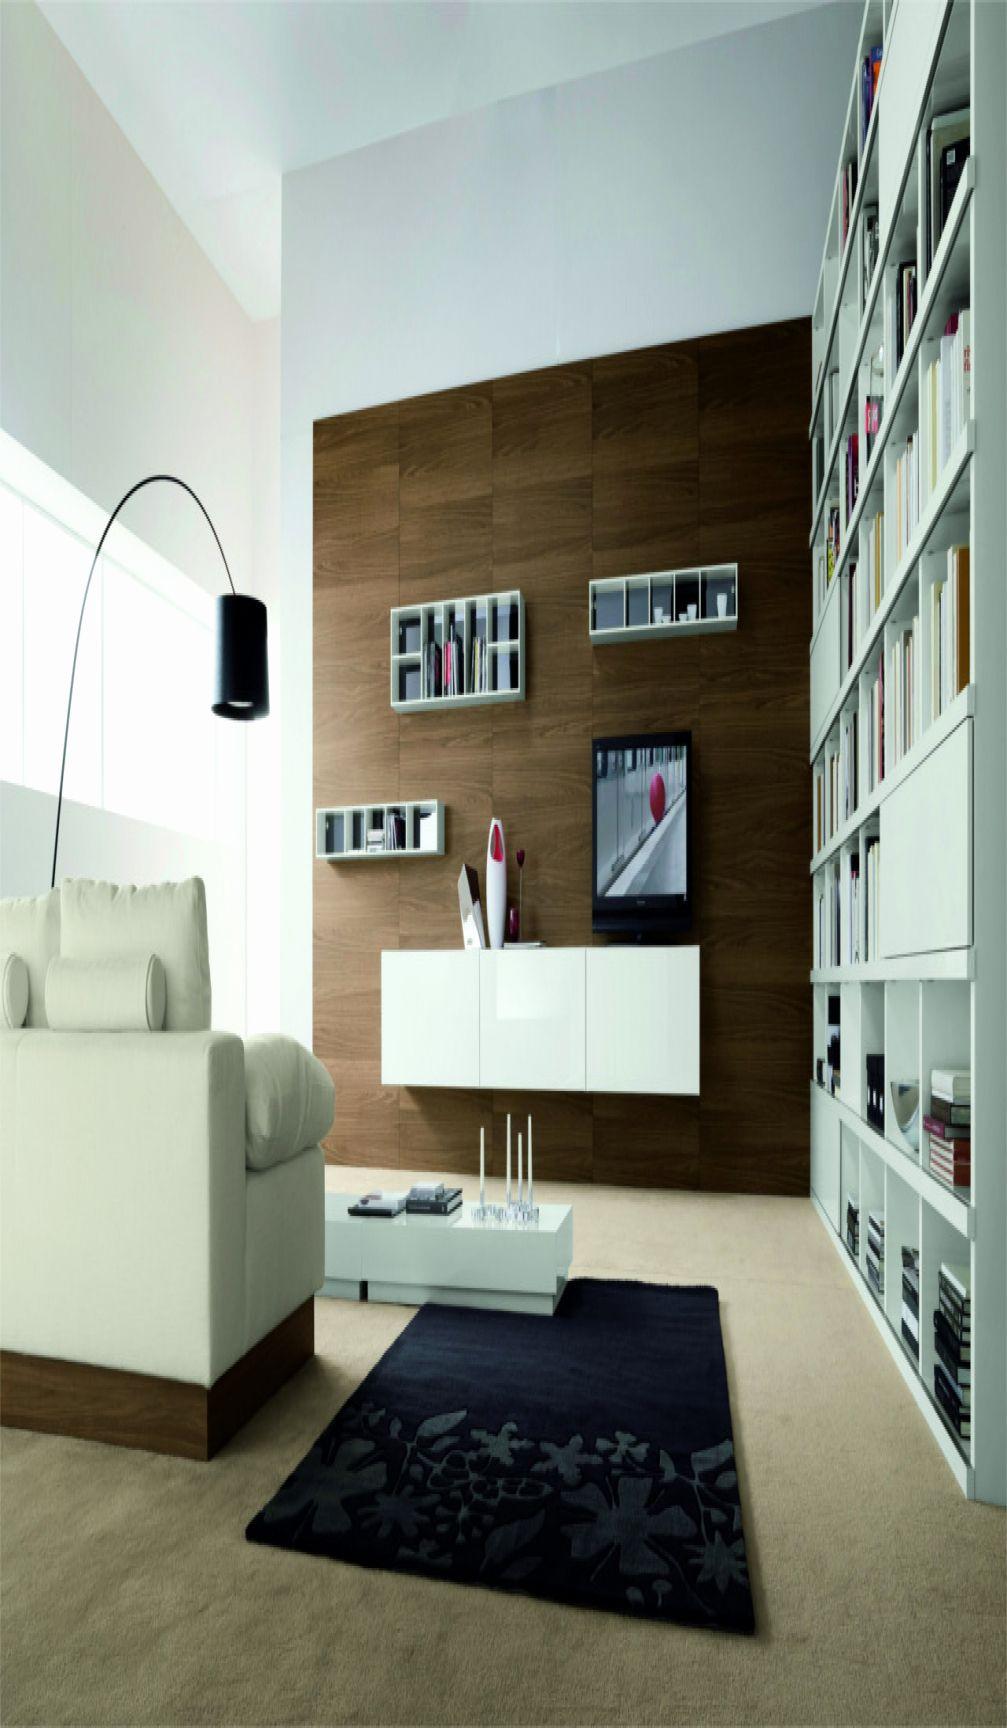 Unico Design Gallery soggiorni Moderni Outlet Arreda ...